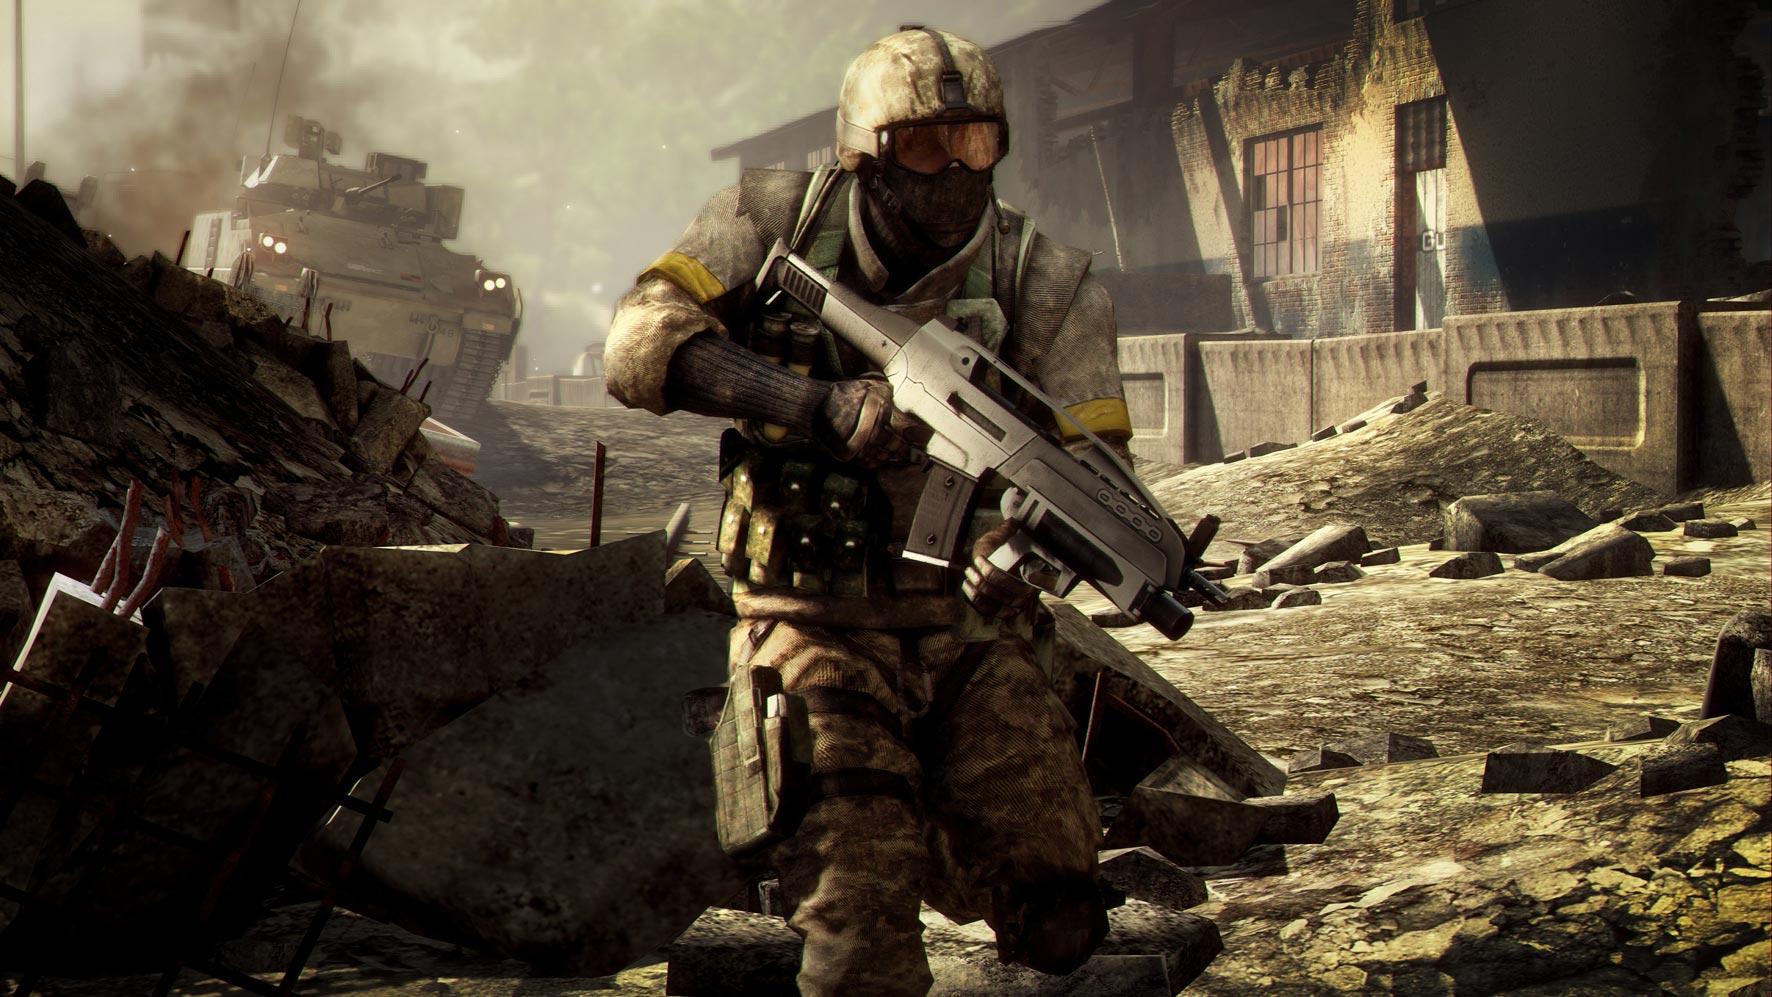 El próximo Battlefield 5 y el próximo Call of Duty: Infinity Warfare, estos son los anuncios, rumores y filtraciones hasta ahora